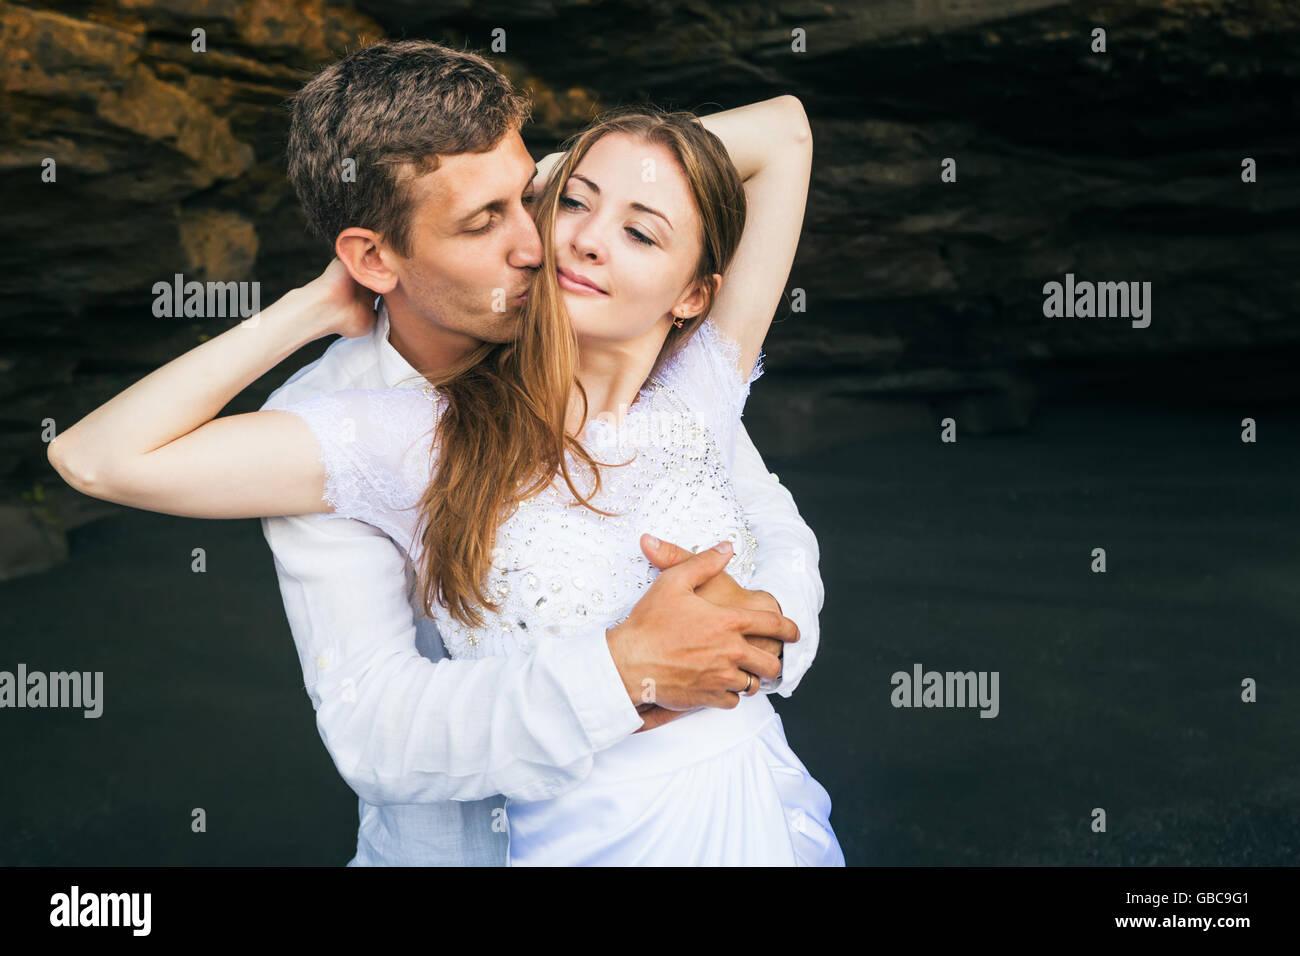 La famiglia felice per la nostra luna di miele vacanze - appena sposato giovane uomo e donna abbraccio con il sorriso Immagini Stock